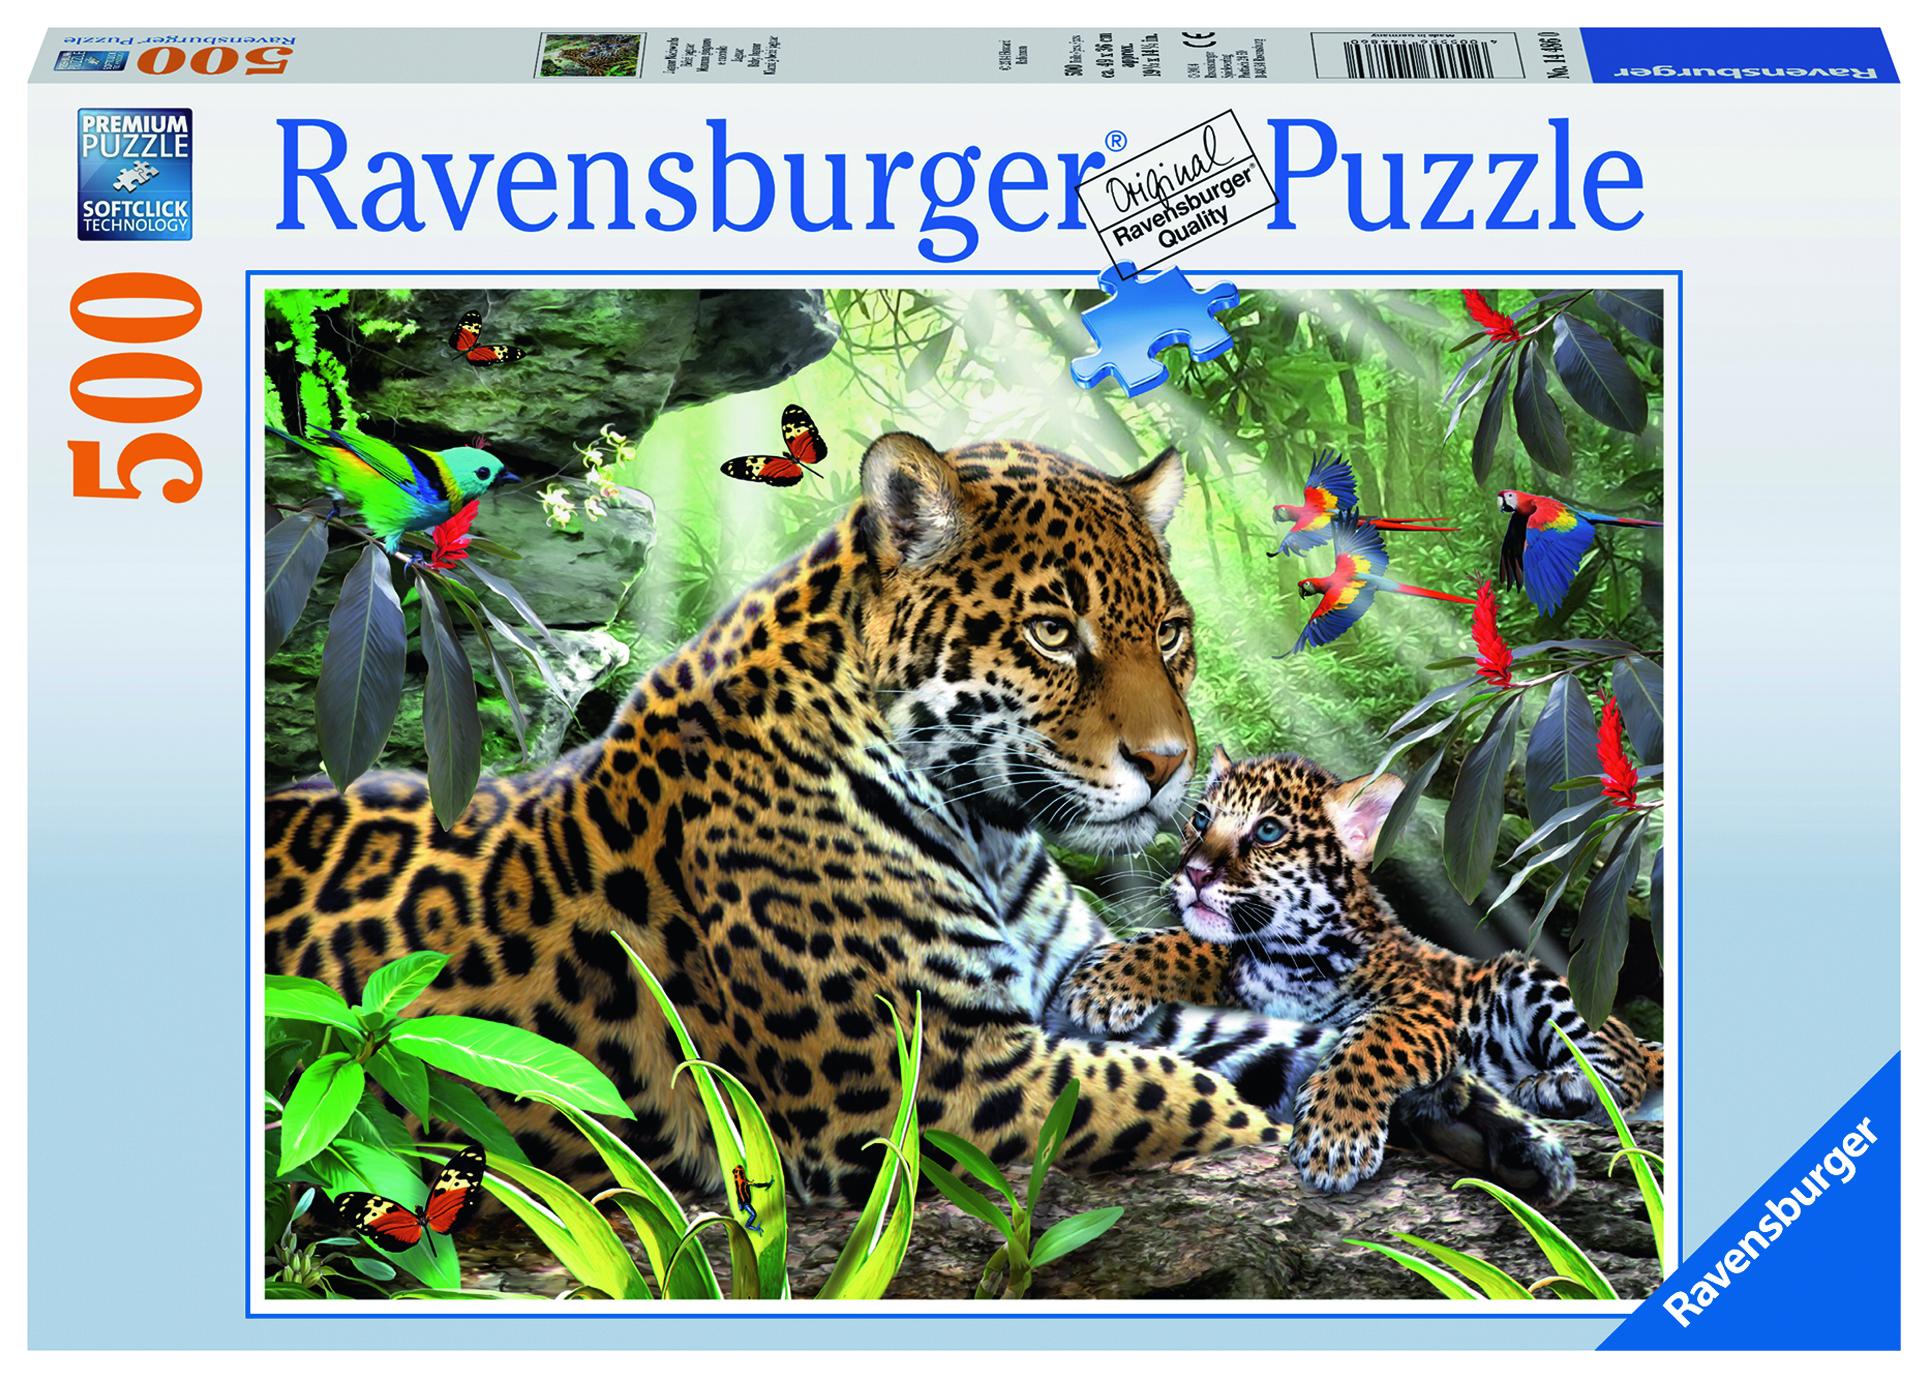 цена на Пазл Ravensburger Ягуар и отпрыск 500 шт арт.14486